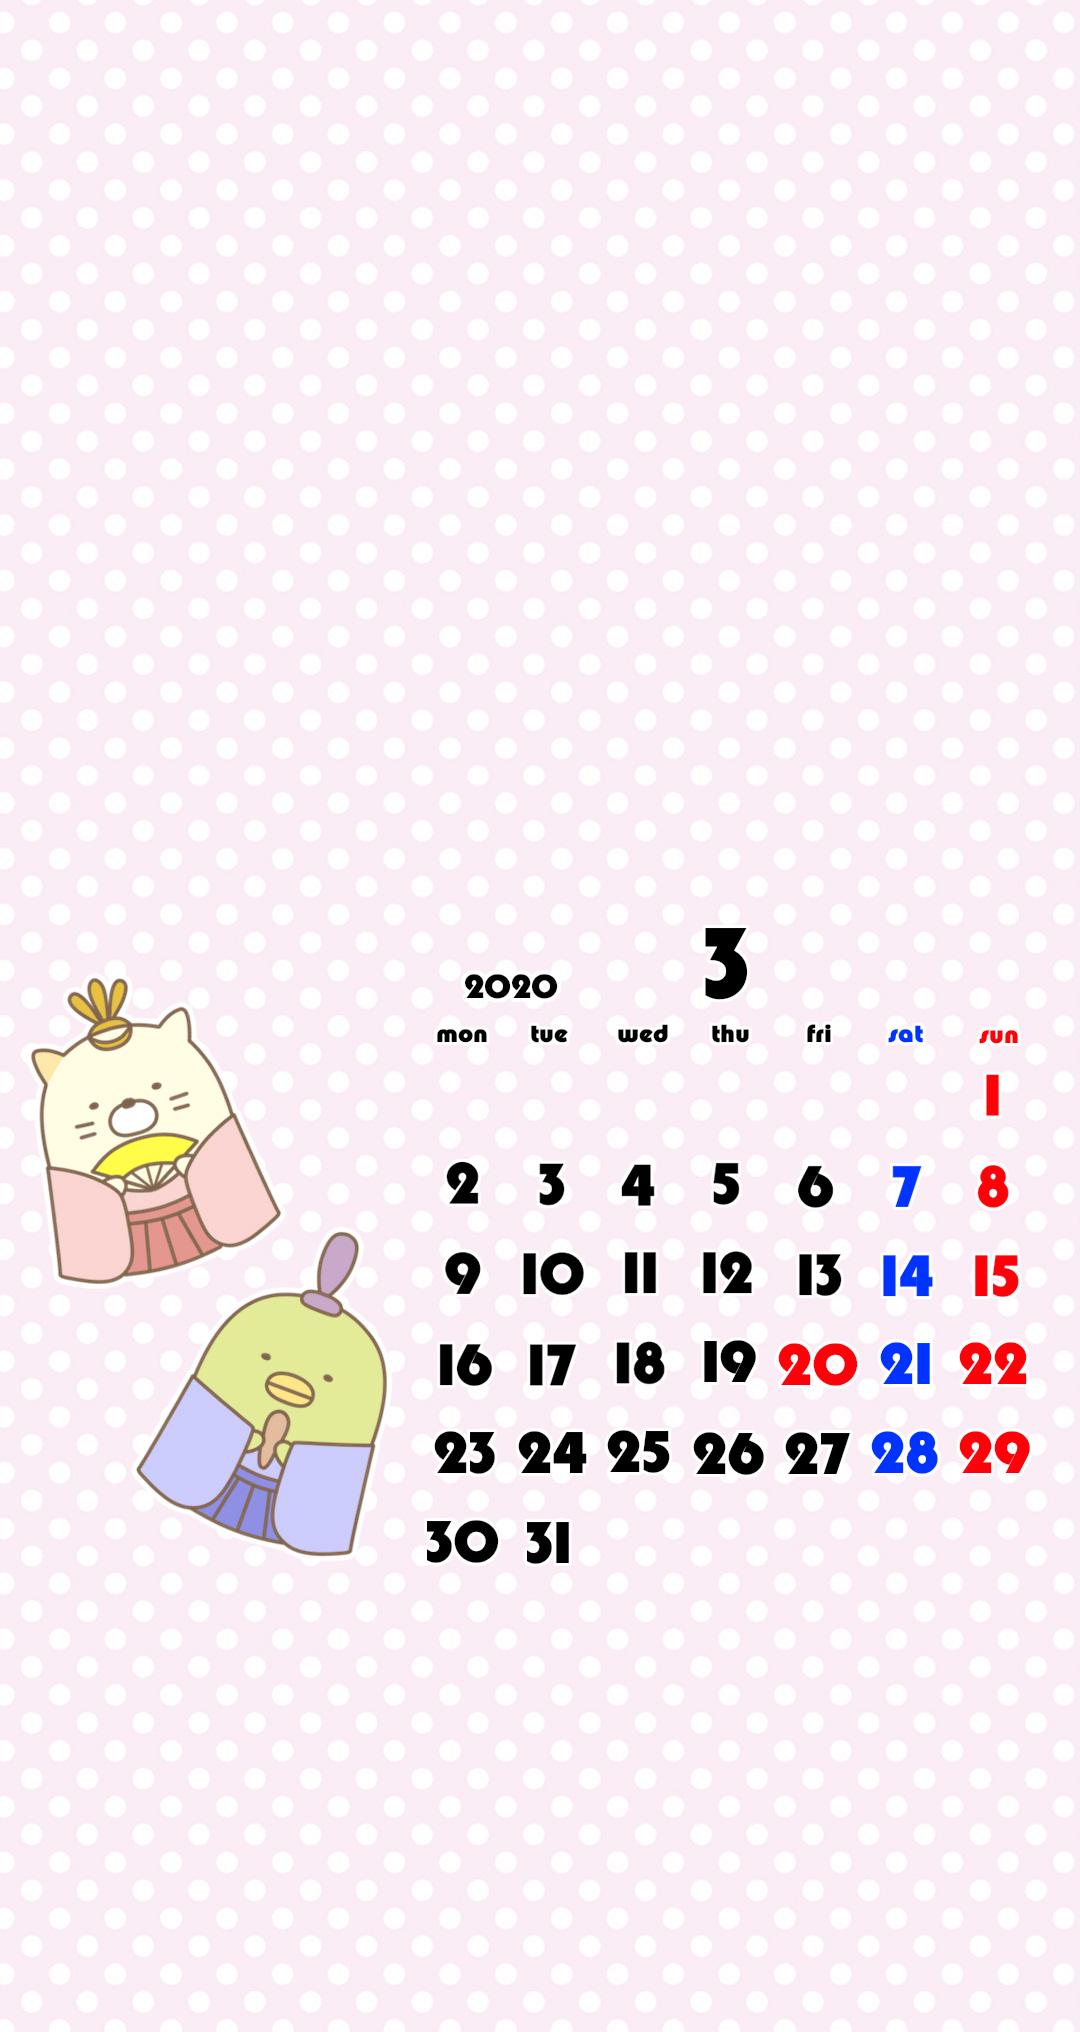 すみっこぐらし 待ち受けカレンダー 2020年3月 Android用 月曜始まり